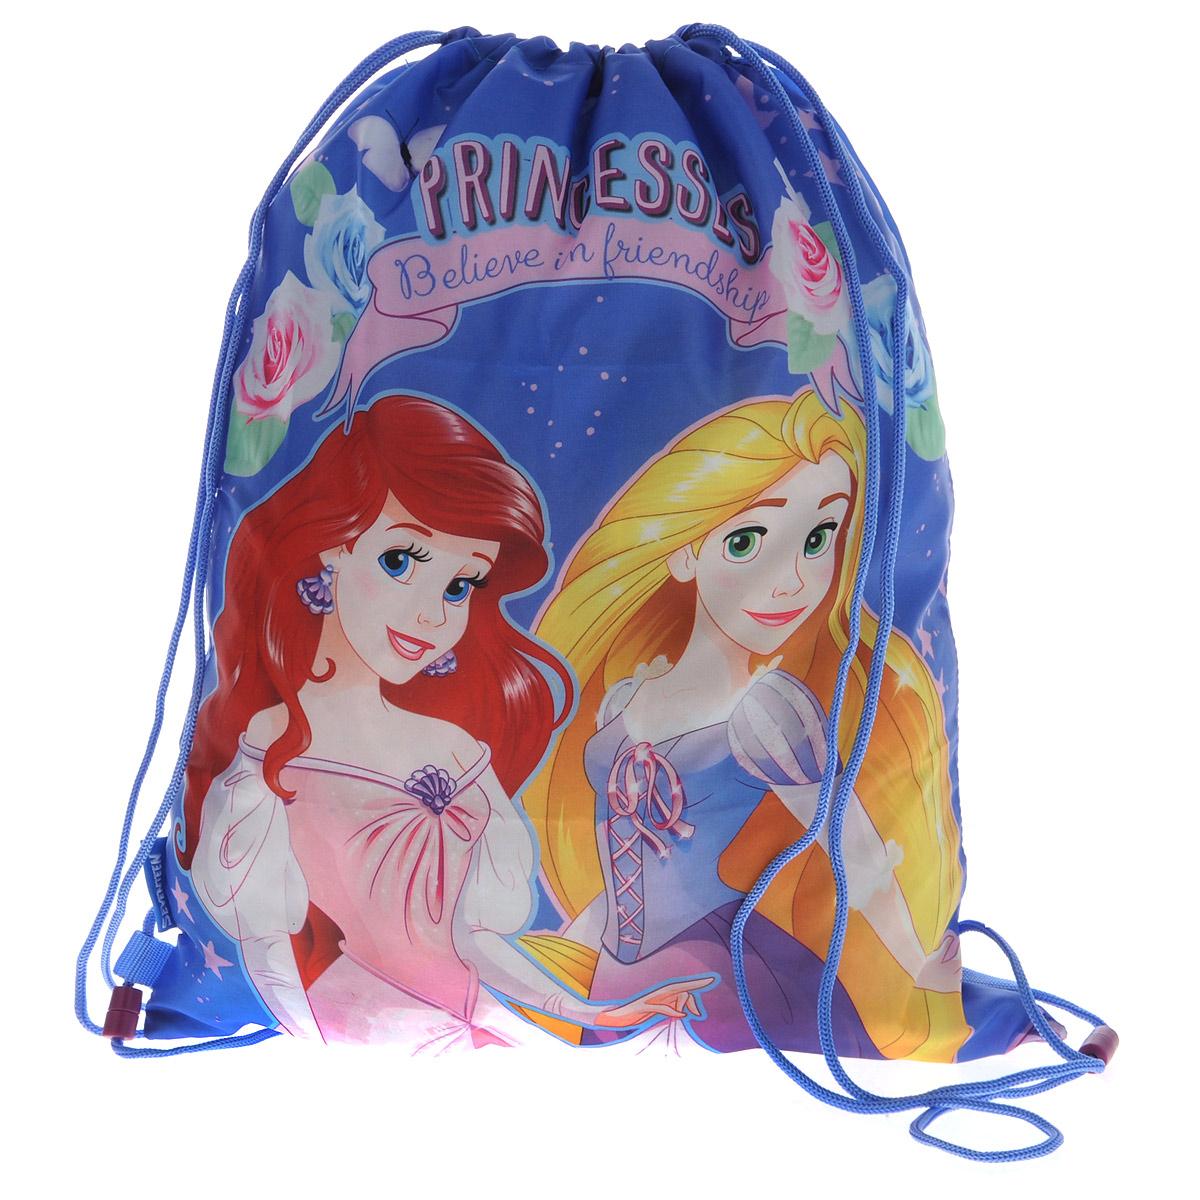 Disney Princess Сумка-рюкзак для обуви Princess цвет сиреневый PRCB-MT1-883PRCB-MT1-883Сумка для сменной обуви Princess идеально подходит как для хранения, так и для переноски сменной обуви и одежды.Сумка выполнена из прочного водонепроницаемого полиэстера и содержит одно вместительное отделение, затягивающееся с помощью текстильных шнурков. Шнурки фиксируются в нижней части сумки, благодаря чему ее можно носить за спиной как рюкзак.Оформлено изделие изображениями любимых героев. Ваш ребенок с радостью будет ходить с таким аксессуаром в школу.